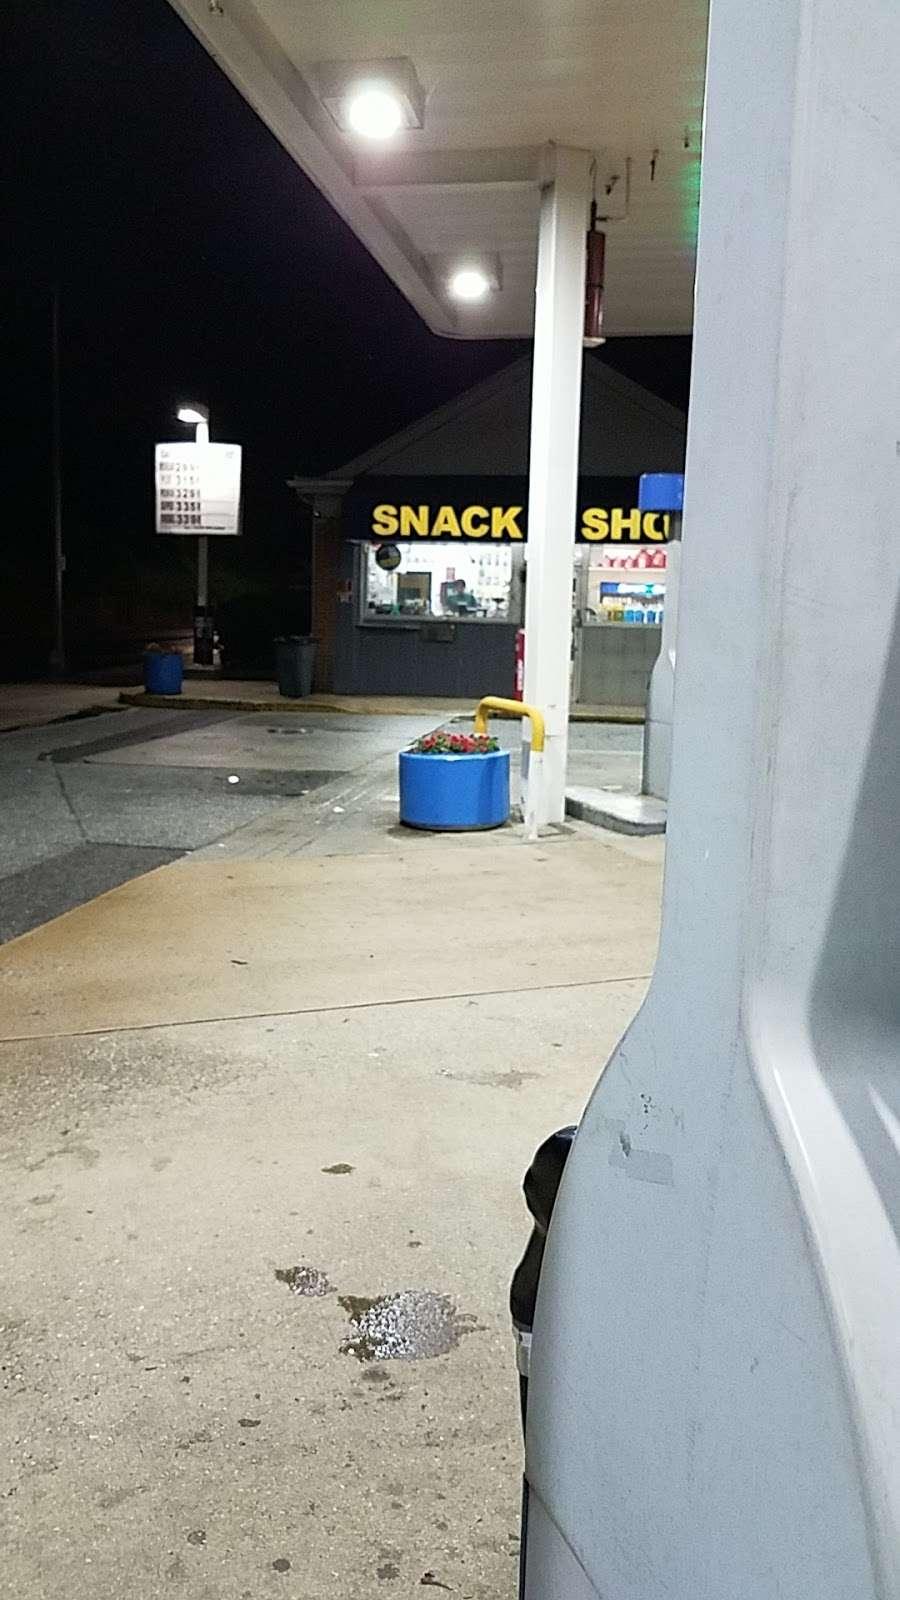 Gas Sale - gas station  | Photo 3 of 3 | Address: 174-02 Horace Harding Expy, Flushing, NY 11365, USA